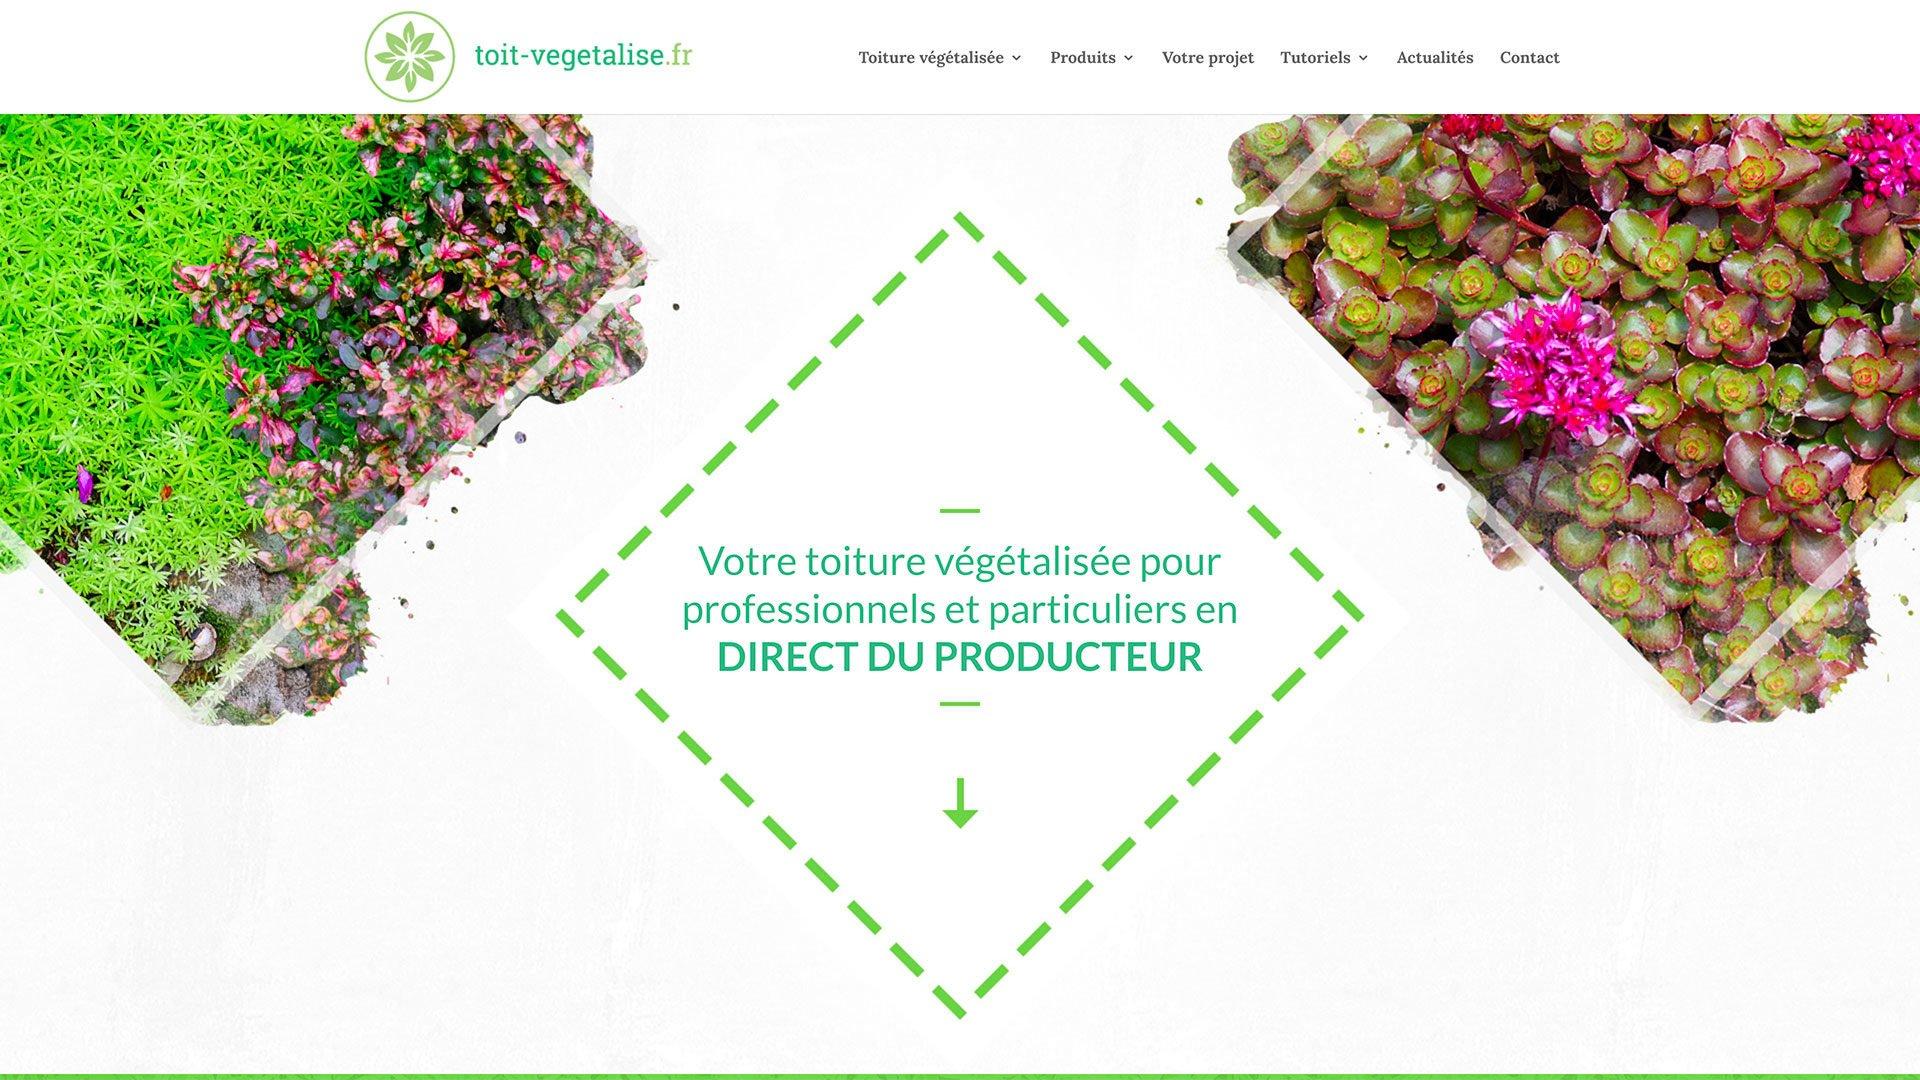 toit-vegetalise.fr